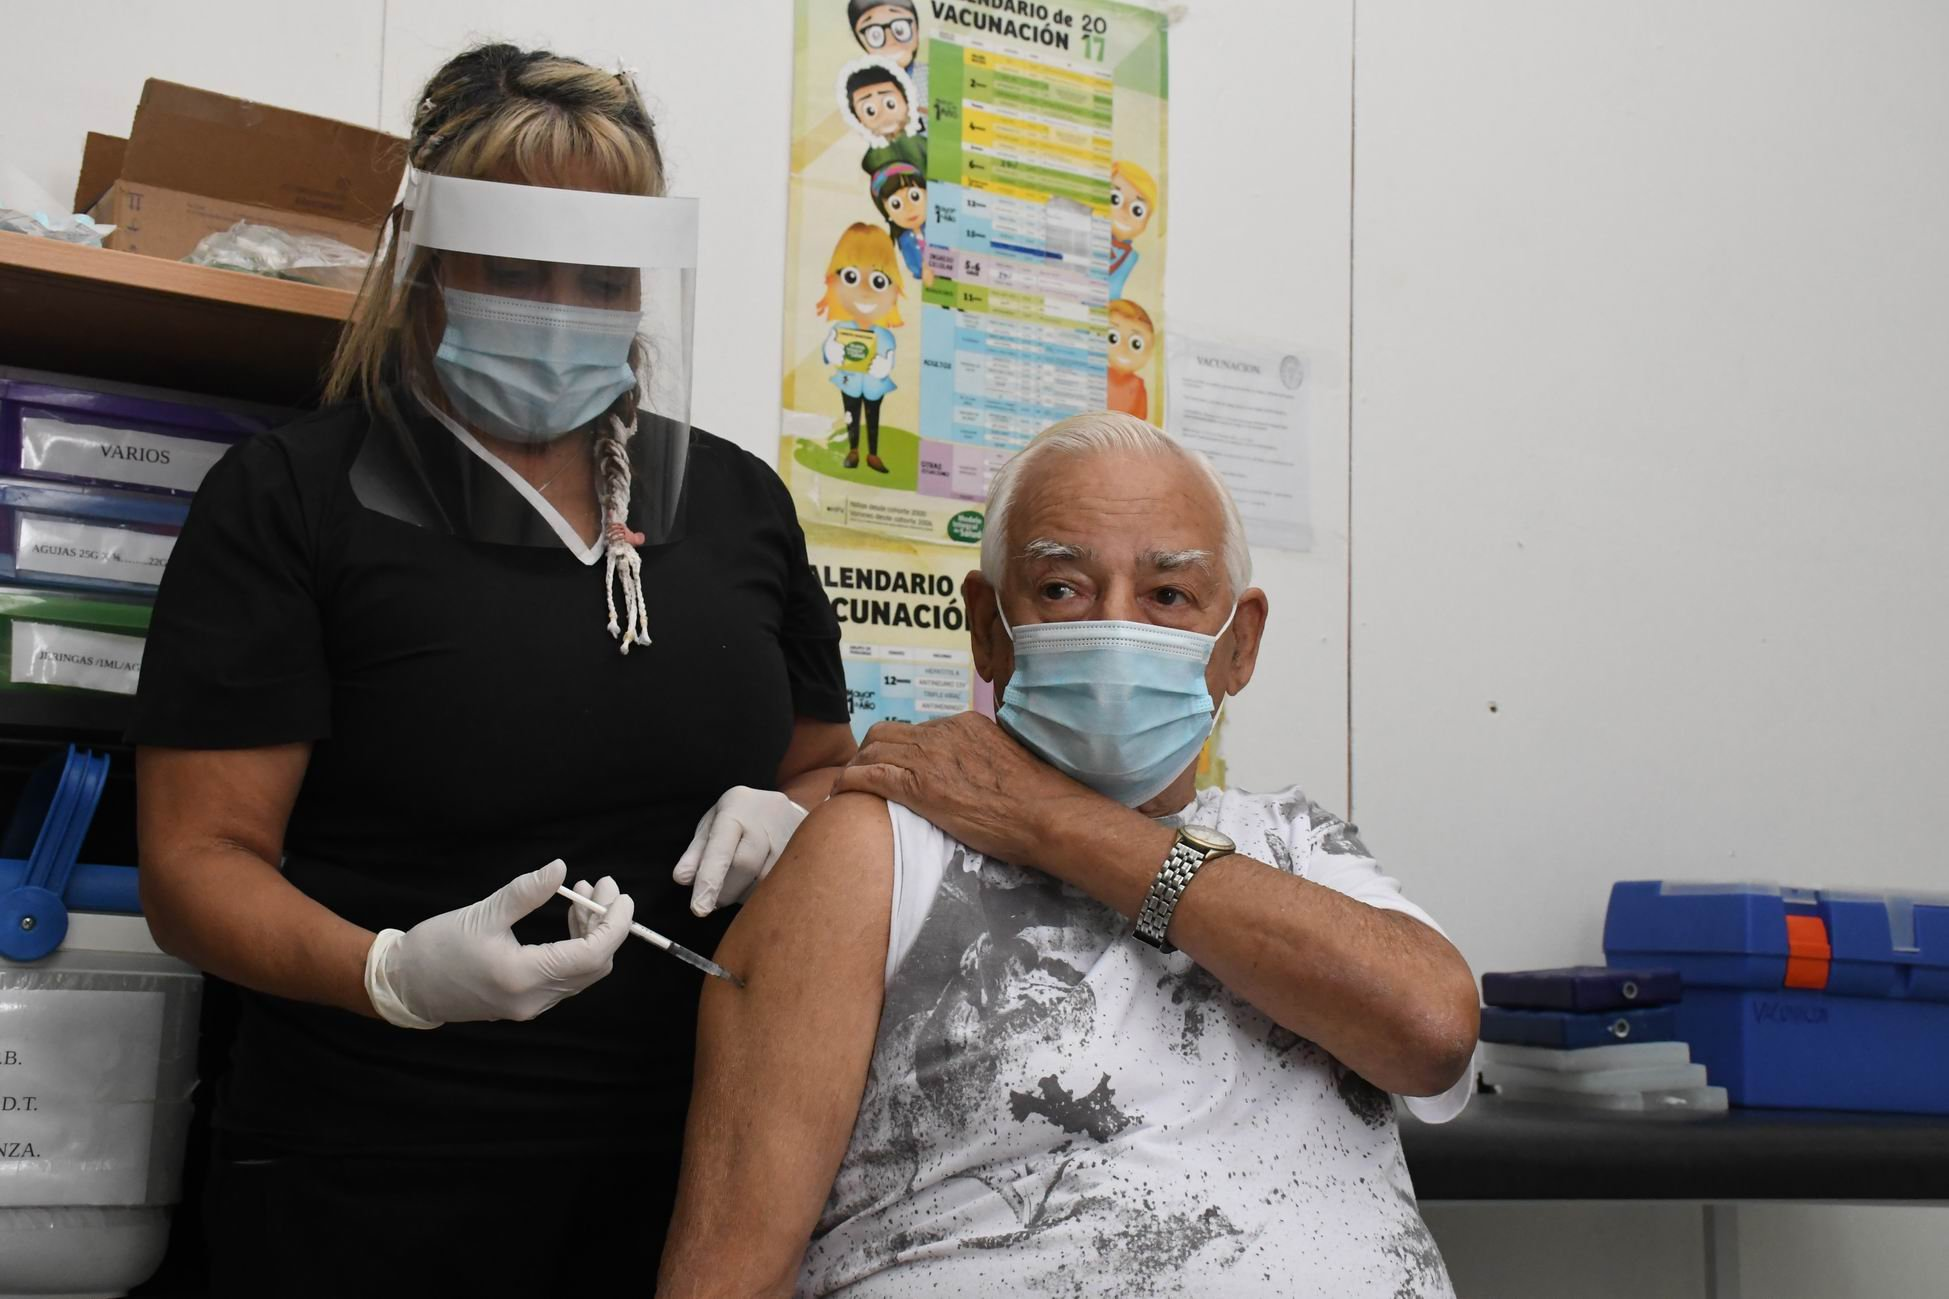 Vacunación contra COVID-19: Llegaron 1000 dosis de AstraZeneca a General Pico